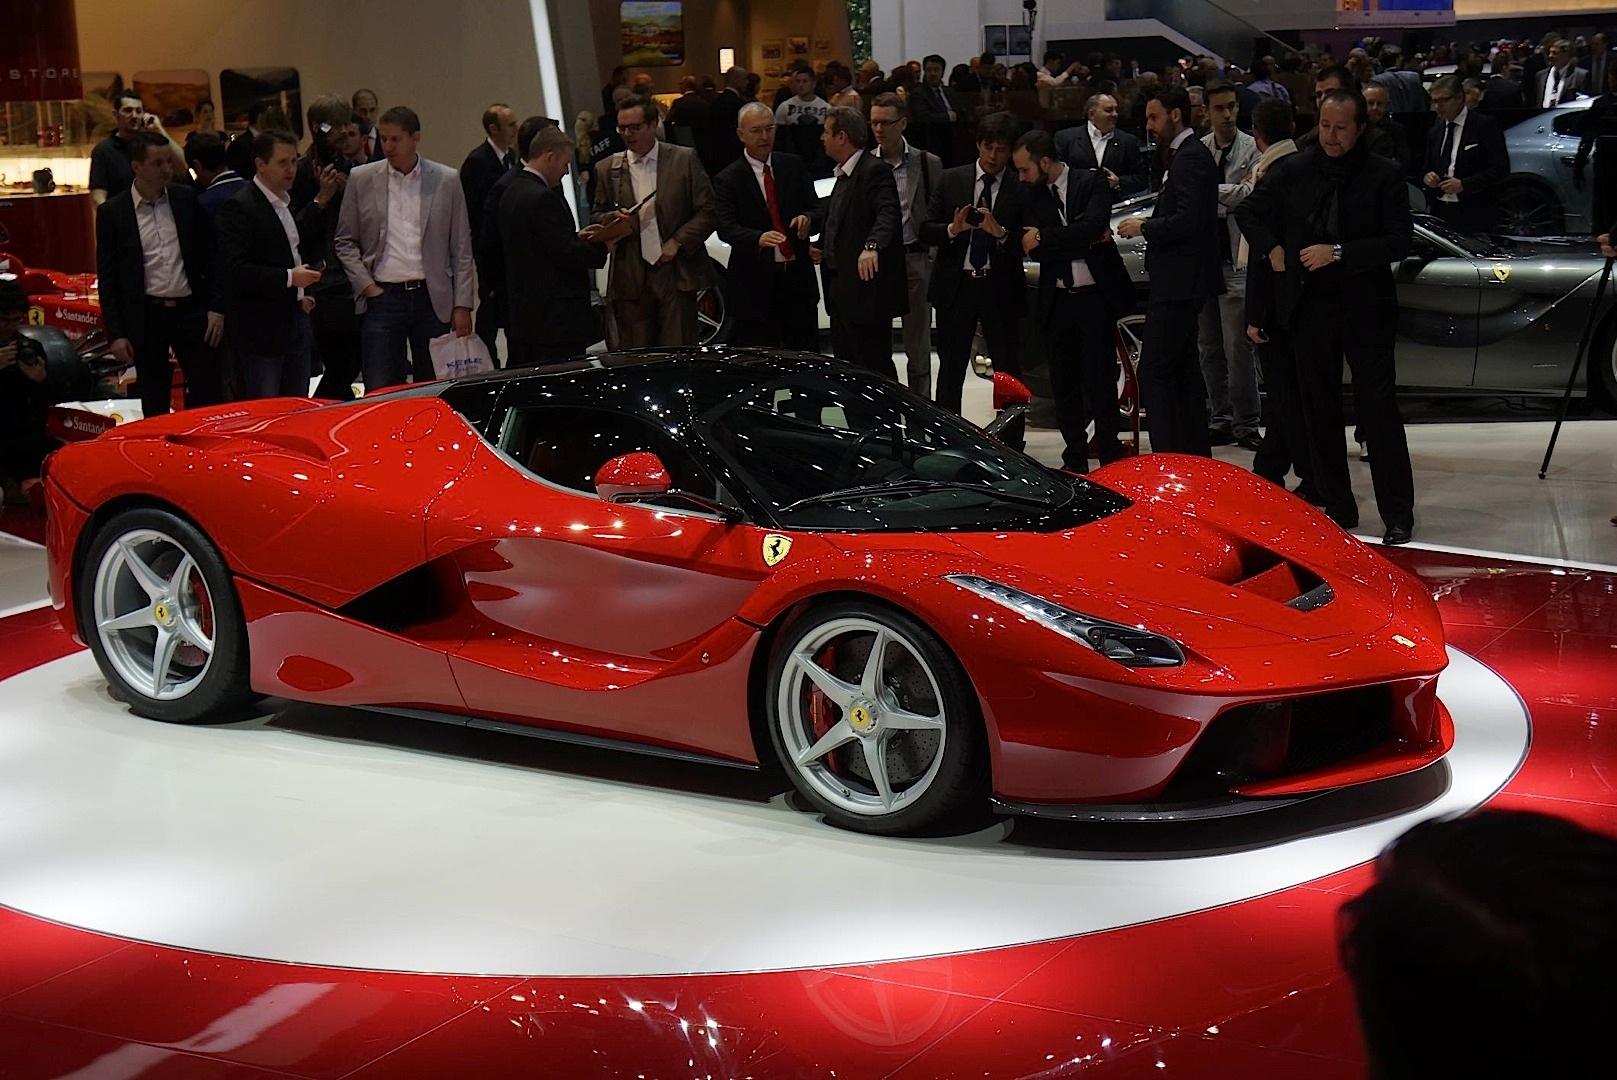 2013 Laferrari Ferrari Enzo Successor Revealed In Geneva